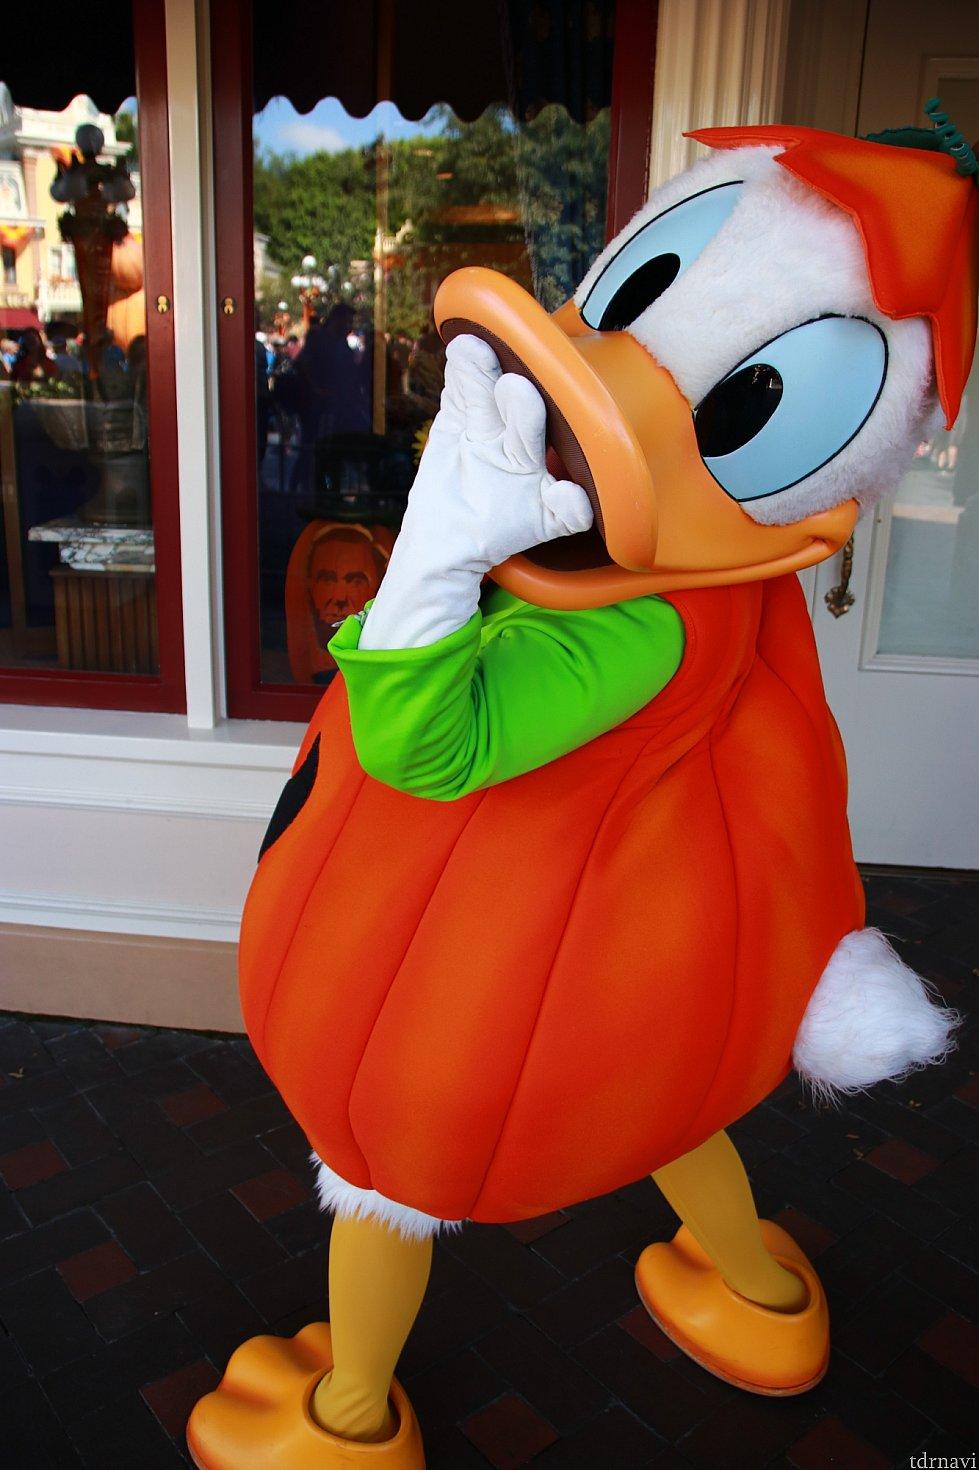 ドナルドは早い時間にしか会えません。アプリよりもキャストの人に来る時間を聞いた方が確実!Halloween Partyでは会えないかも。